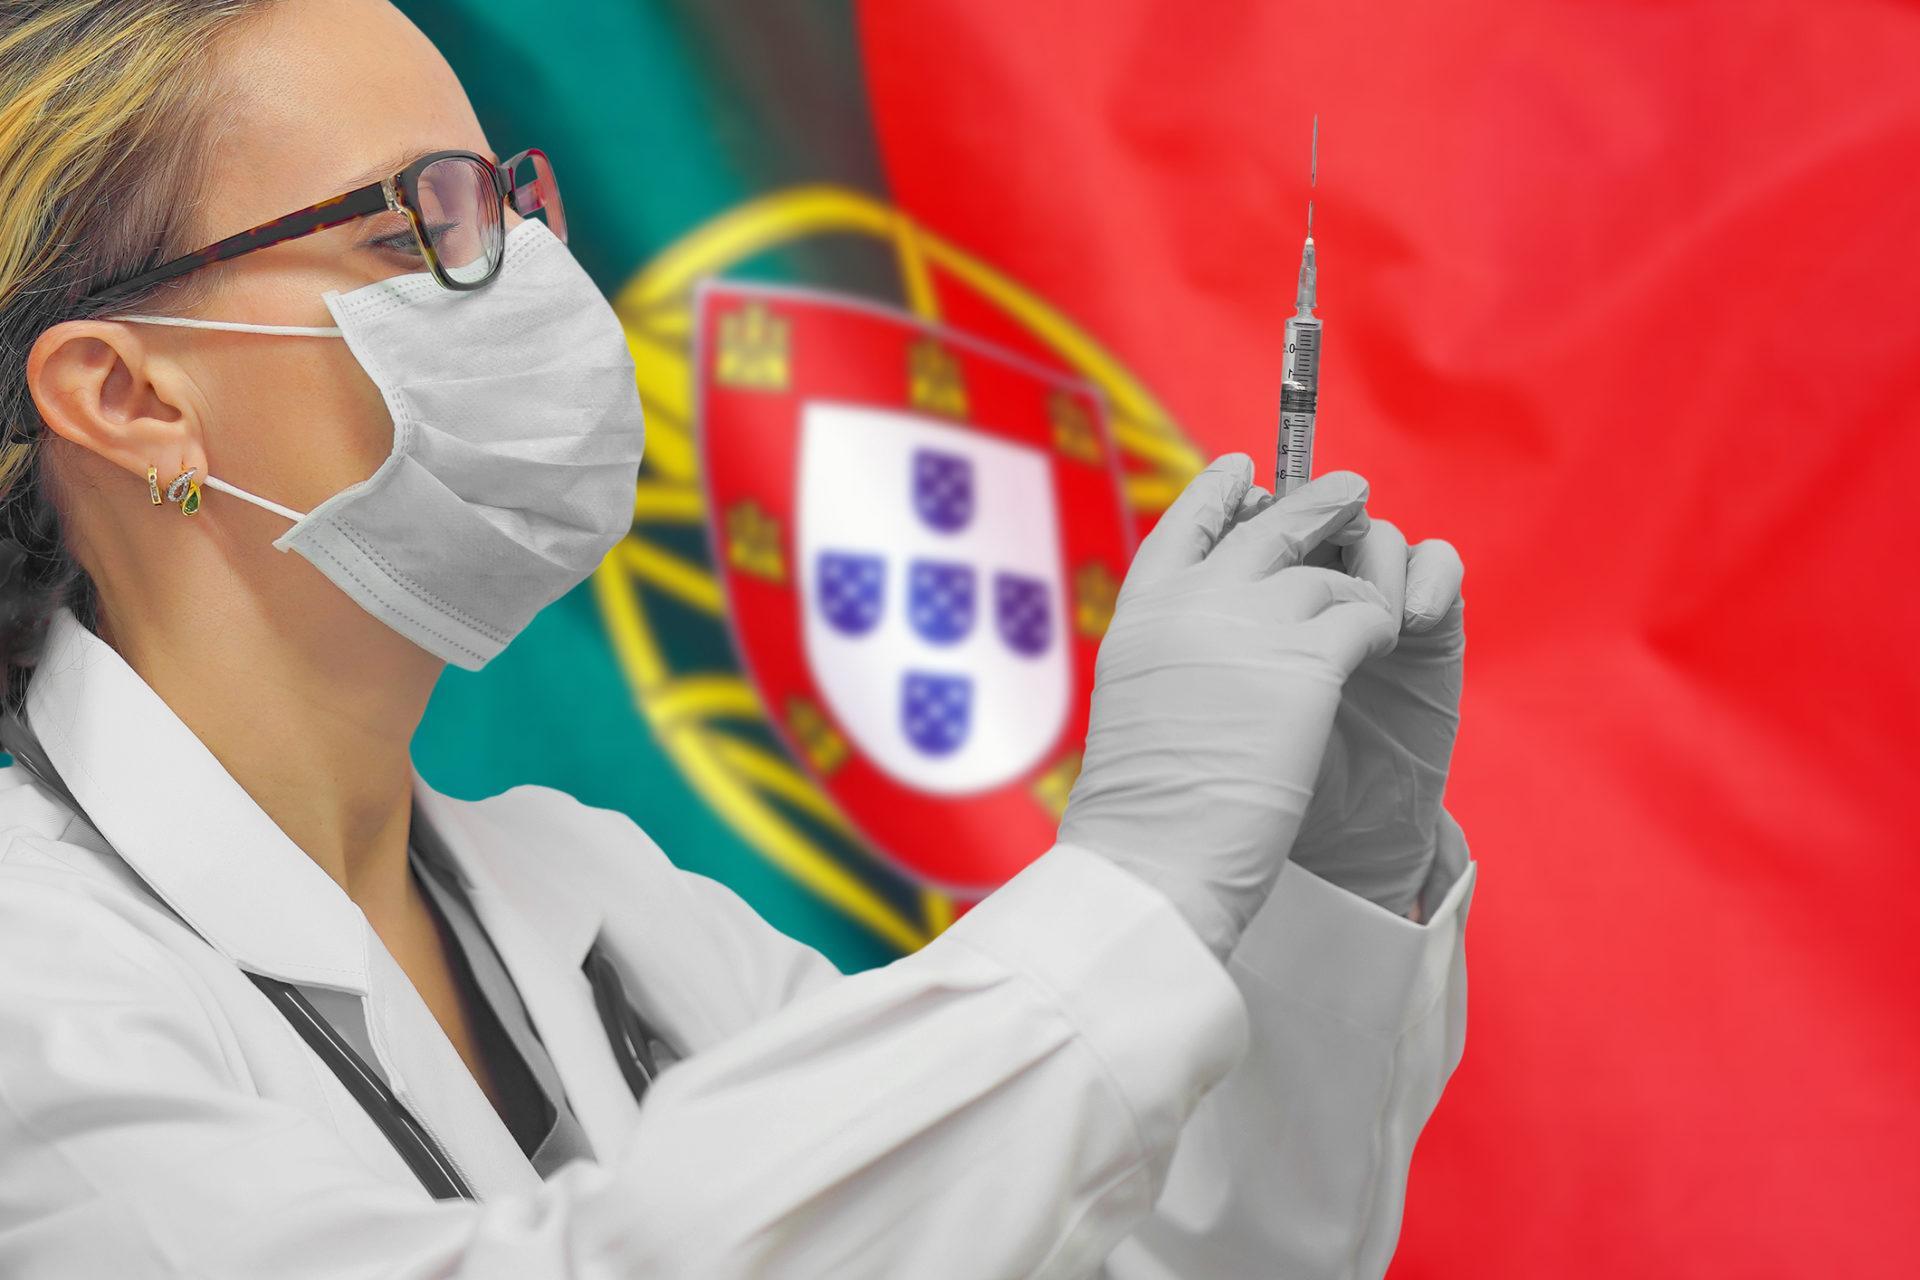 רפואה בפורטוגל